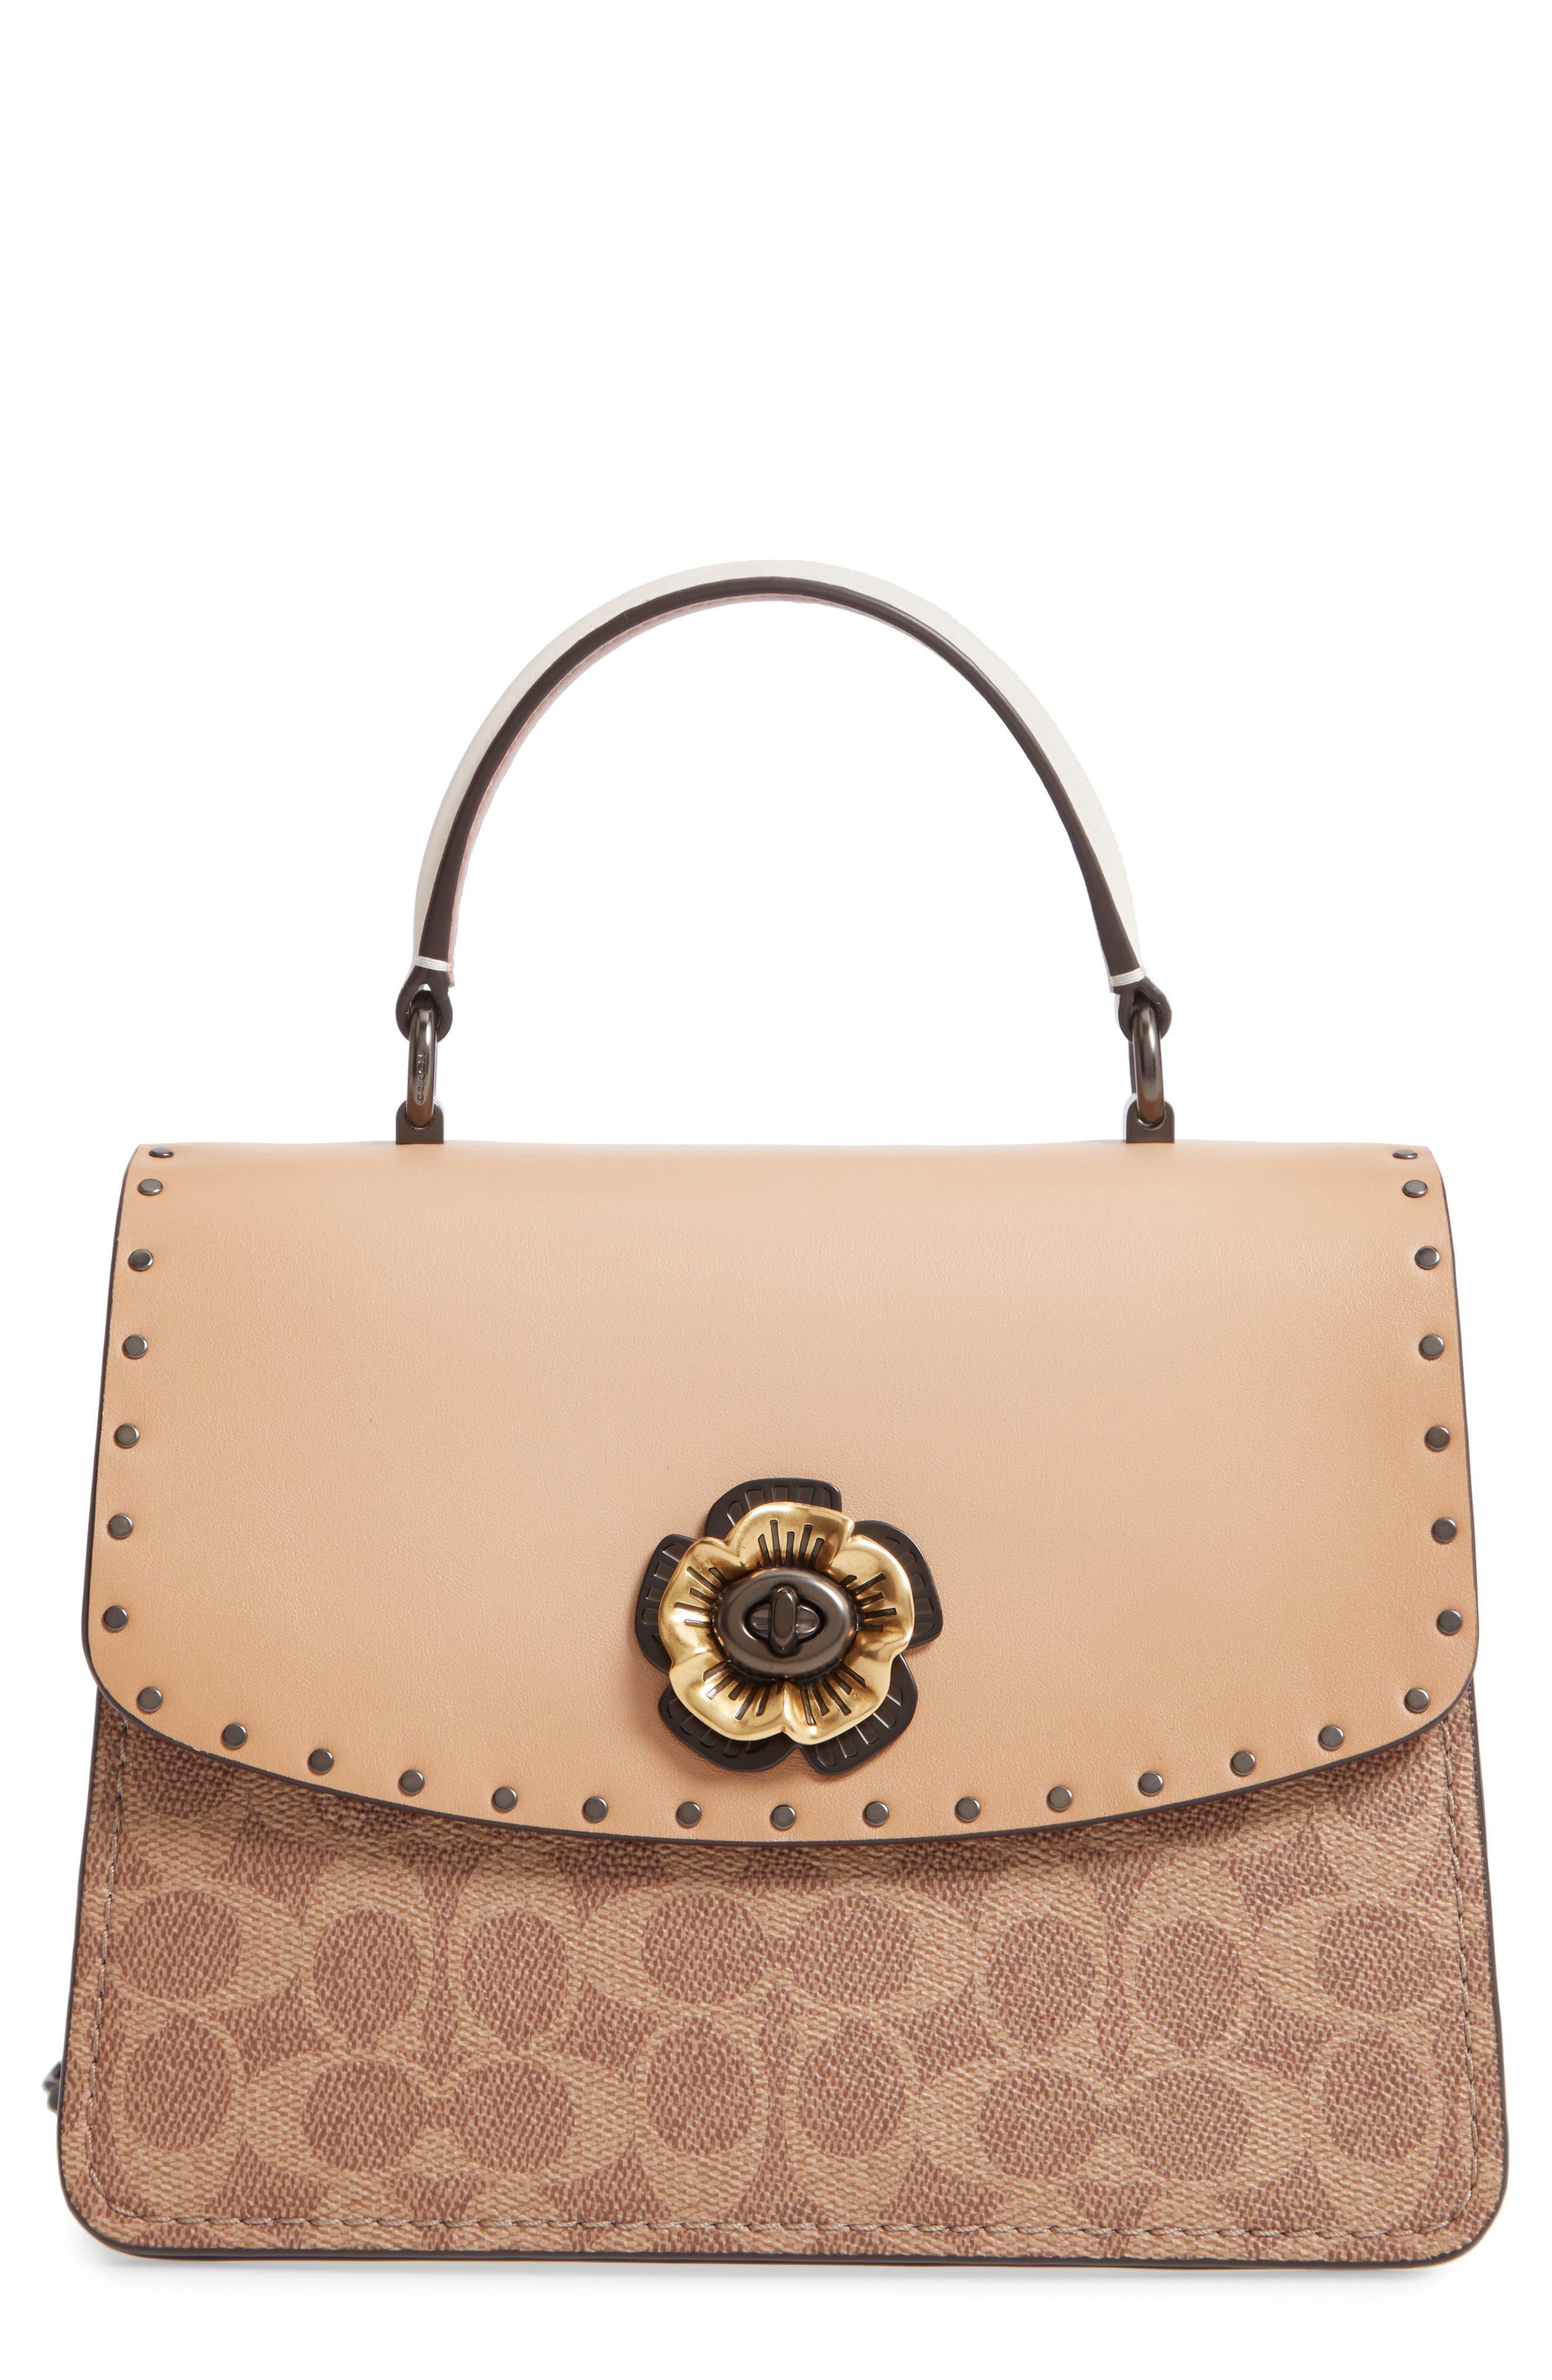 Brown Shoulder Nordstrom Brown Brown Bags Bags Nordstrom Shoulder Bags Bags Brown Nordstrom Nordstrom Shoulder Shoulder pPFqRF